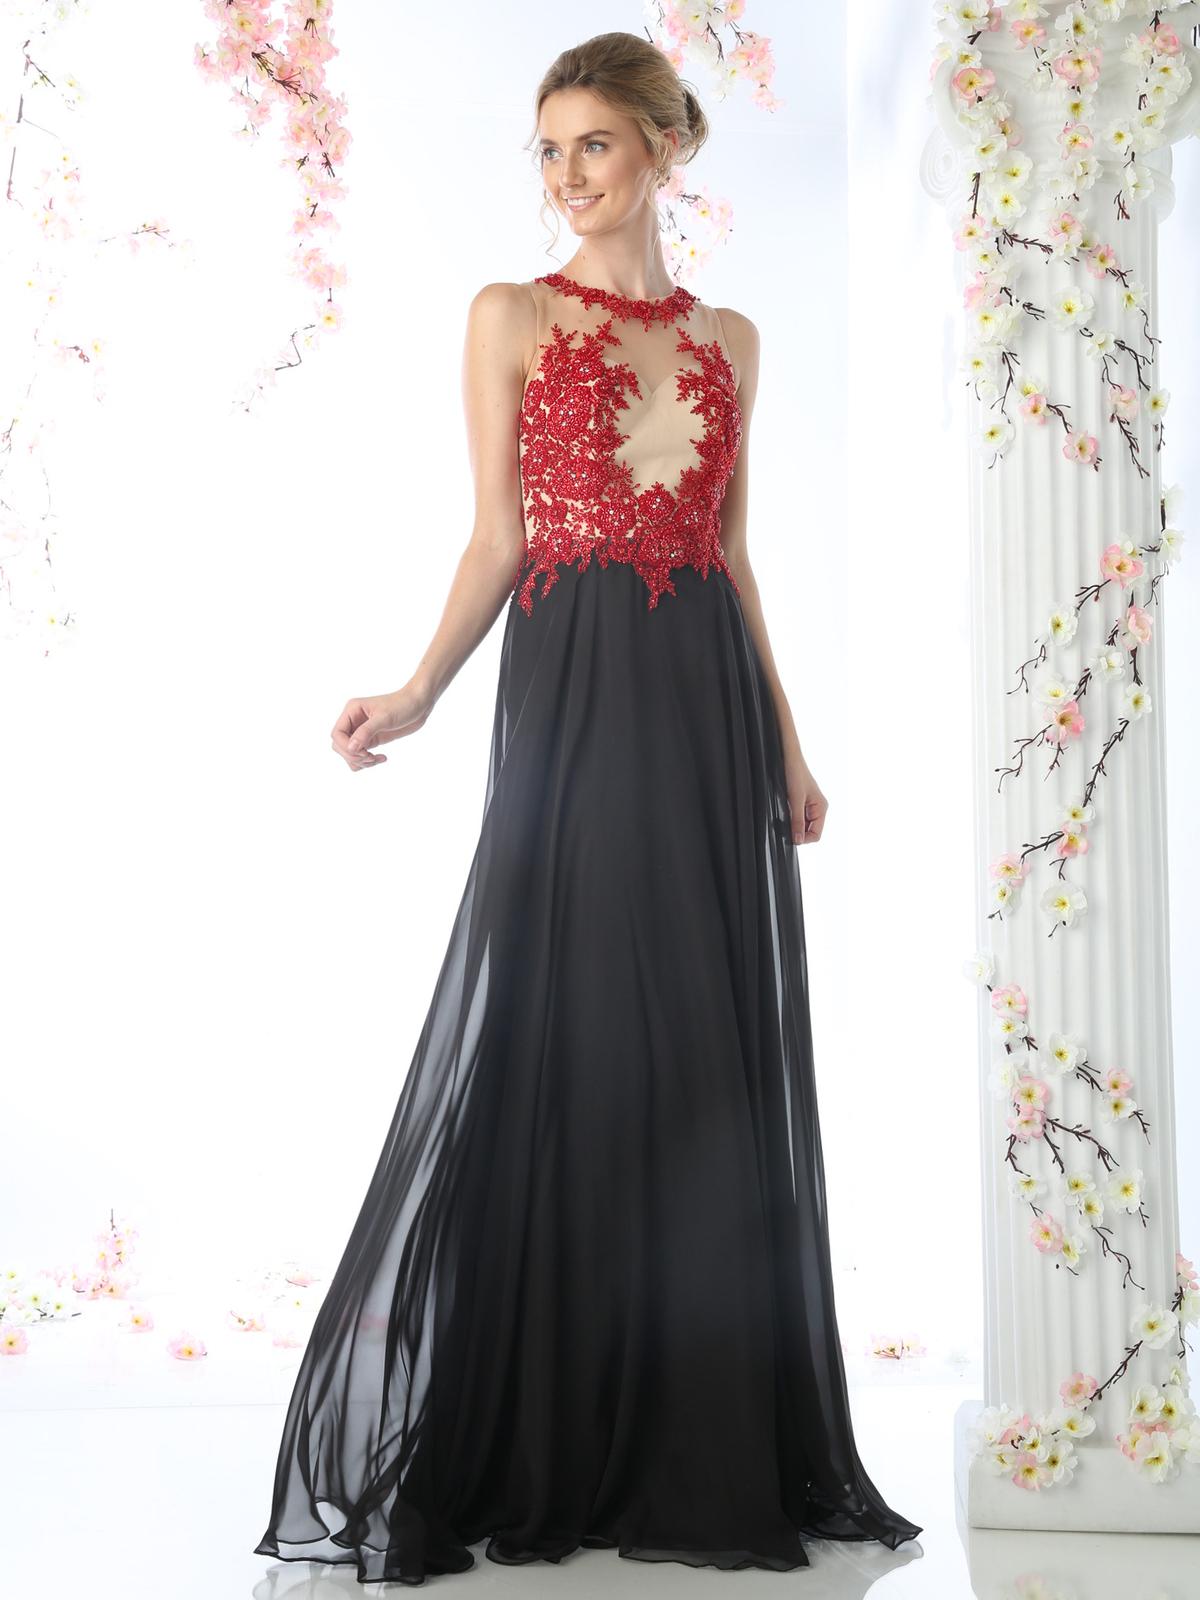 Illusion Evening Dress with Floral Applique | Sung Boutique L.A.